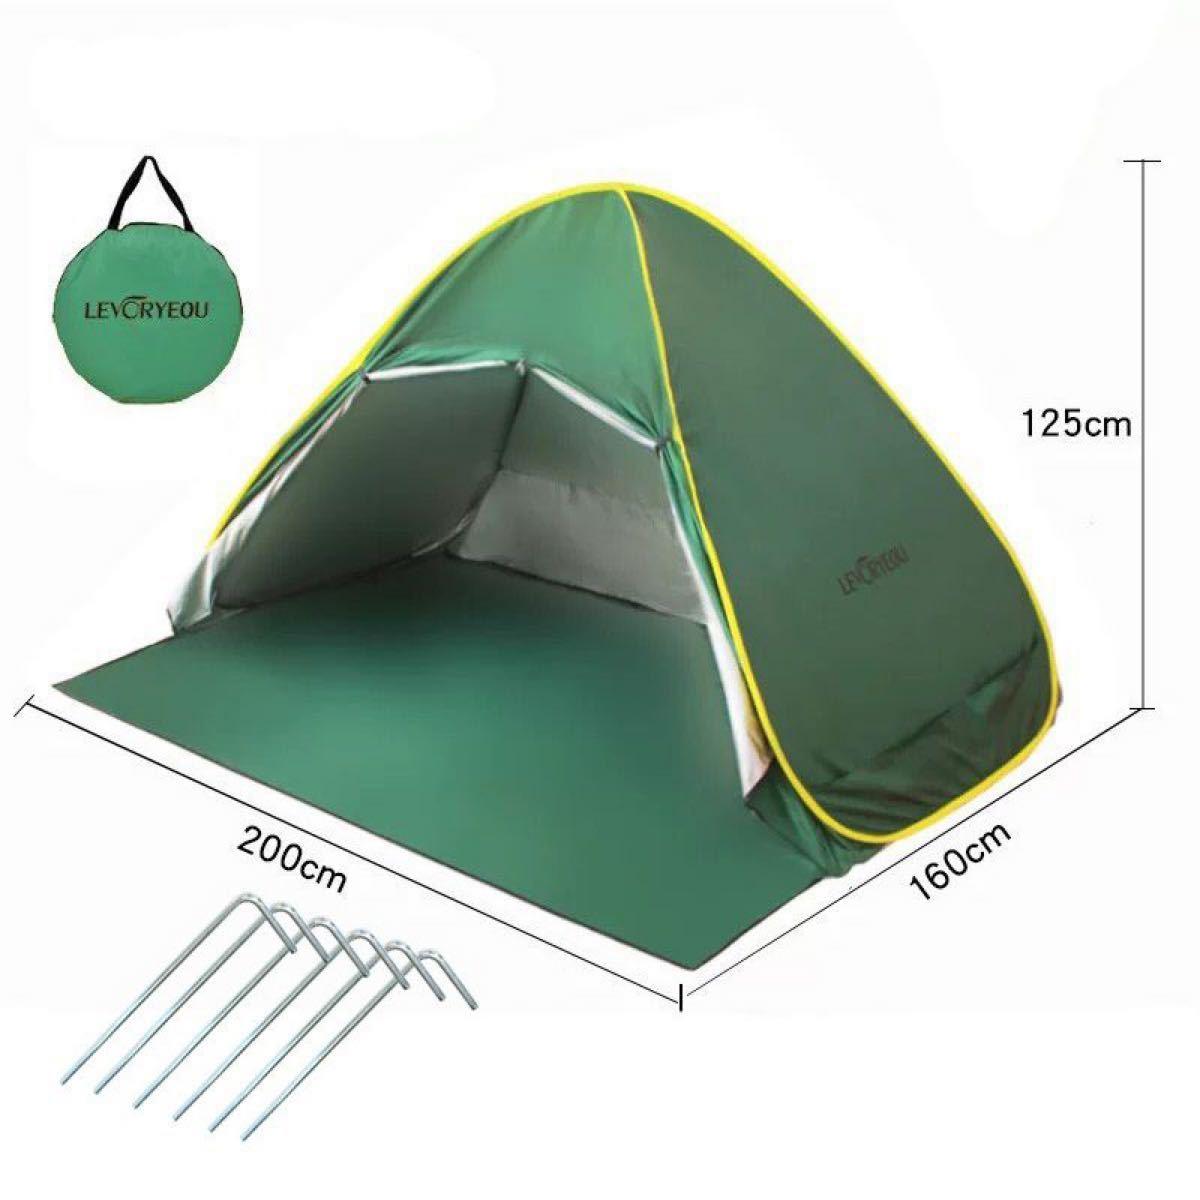 テント ポップアップ ワンタッチ UV 防水 キャンプ ビーチ 公園 軽量 コンパクト 青 ピンク 黄色 緑